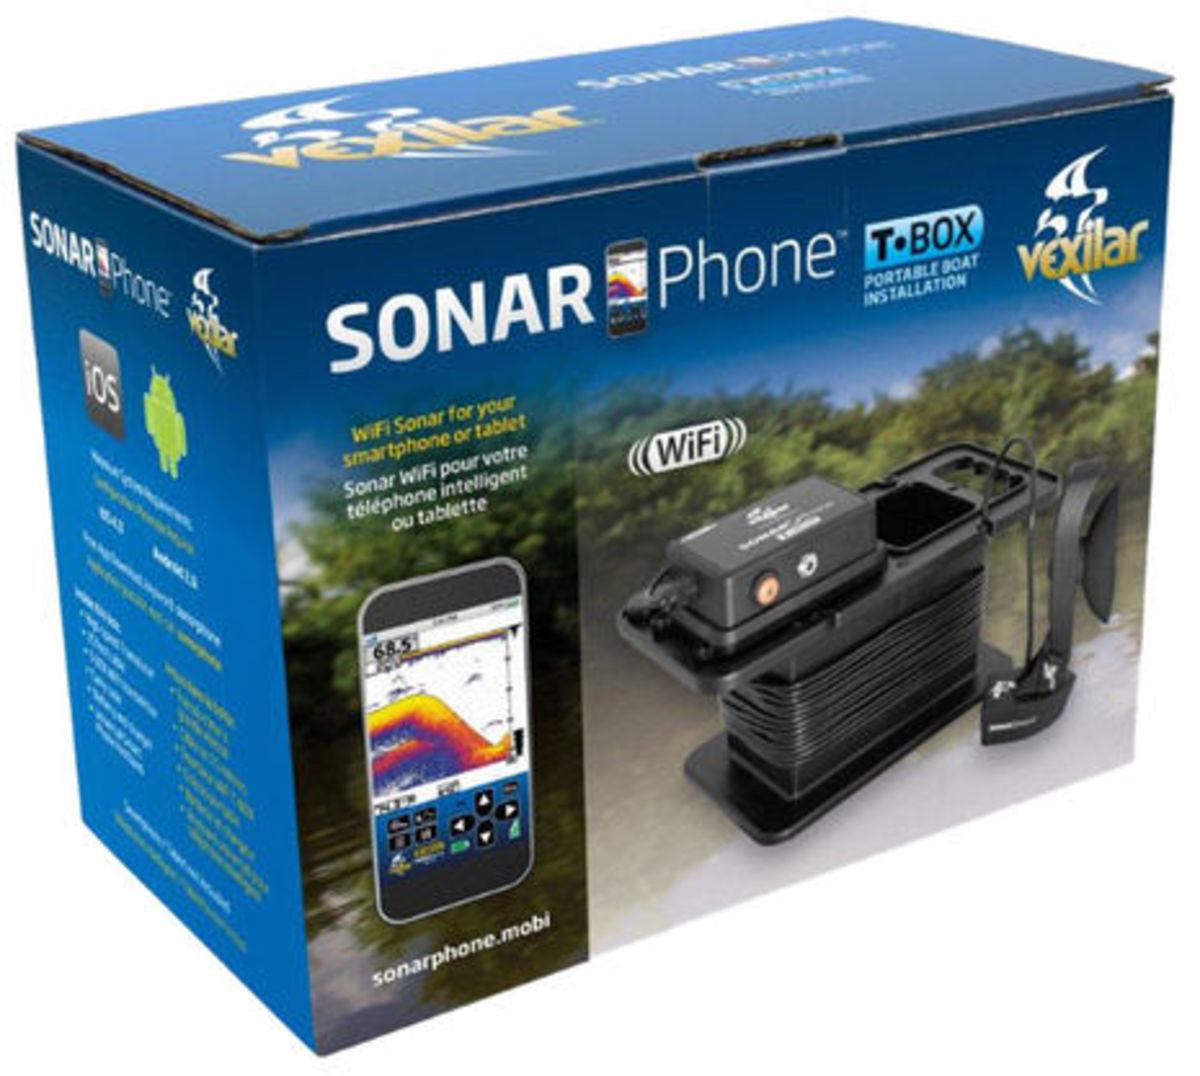 Vexilar_SonarPhone_SP300_T-Box_portable_boat_kit_aPanbo.jpg